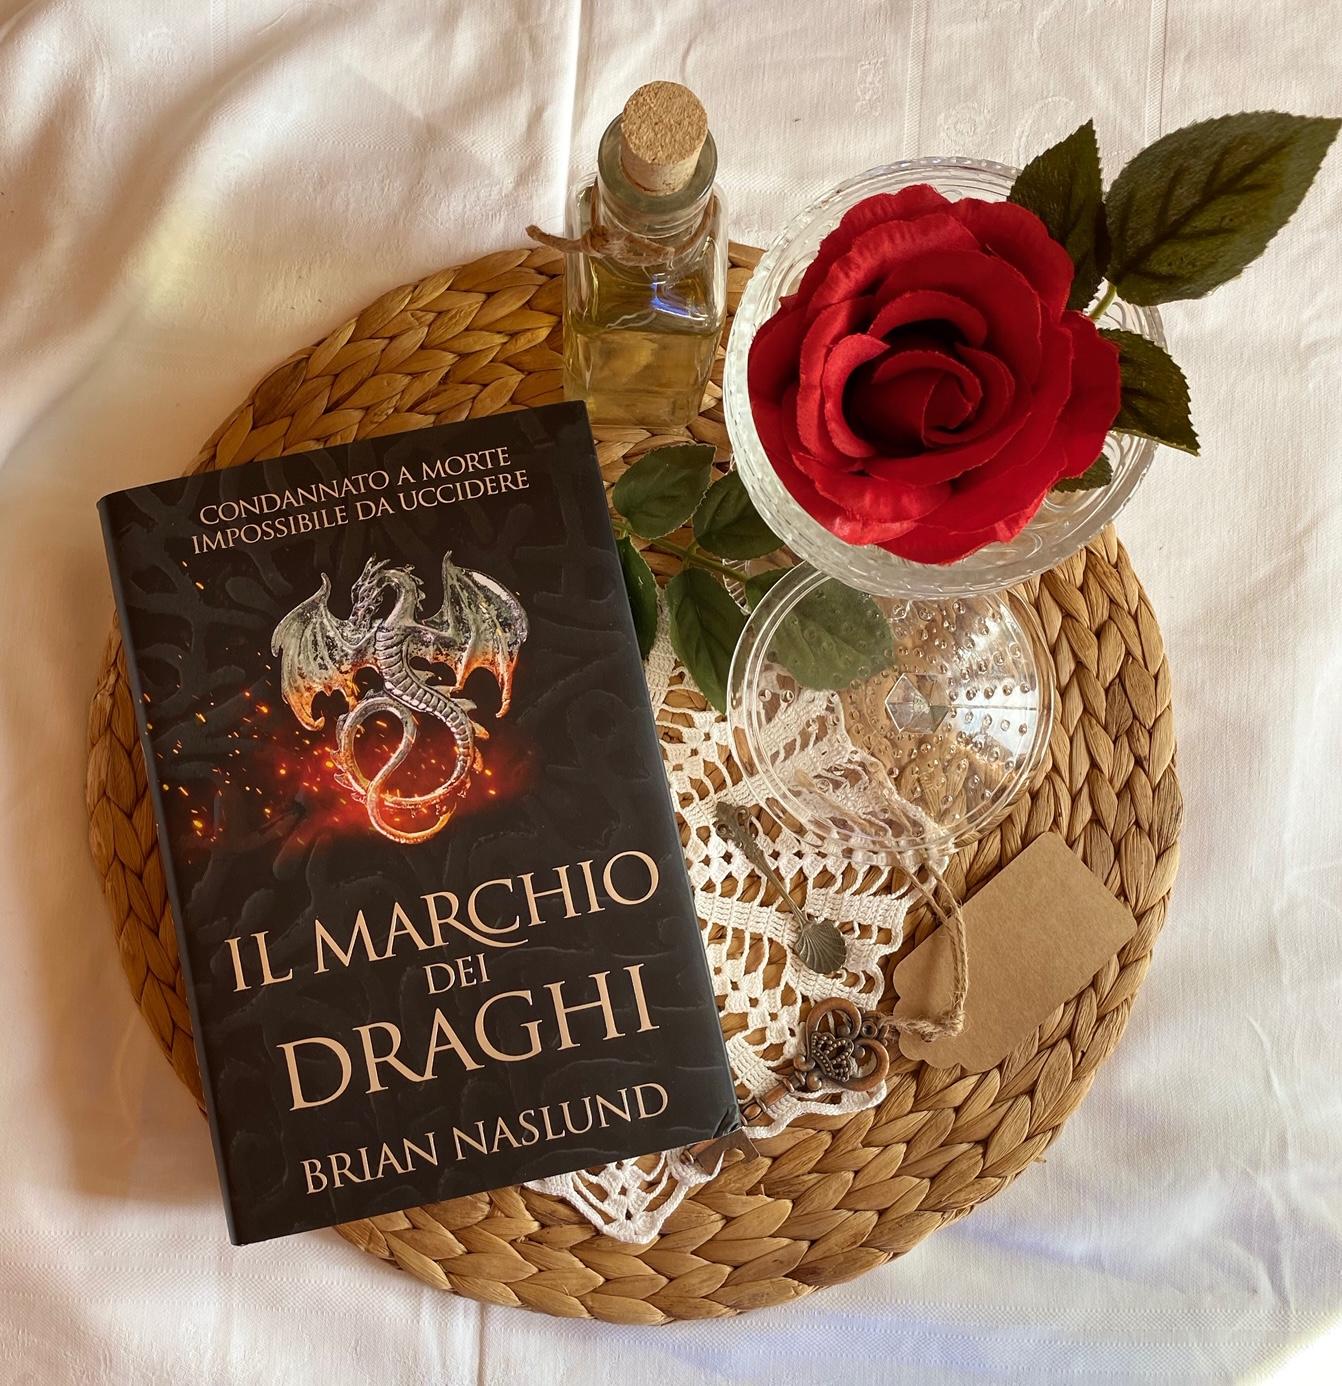 Il marchio dei draghi: un  fantasy accattivante!